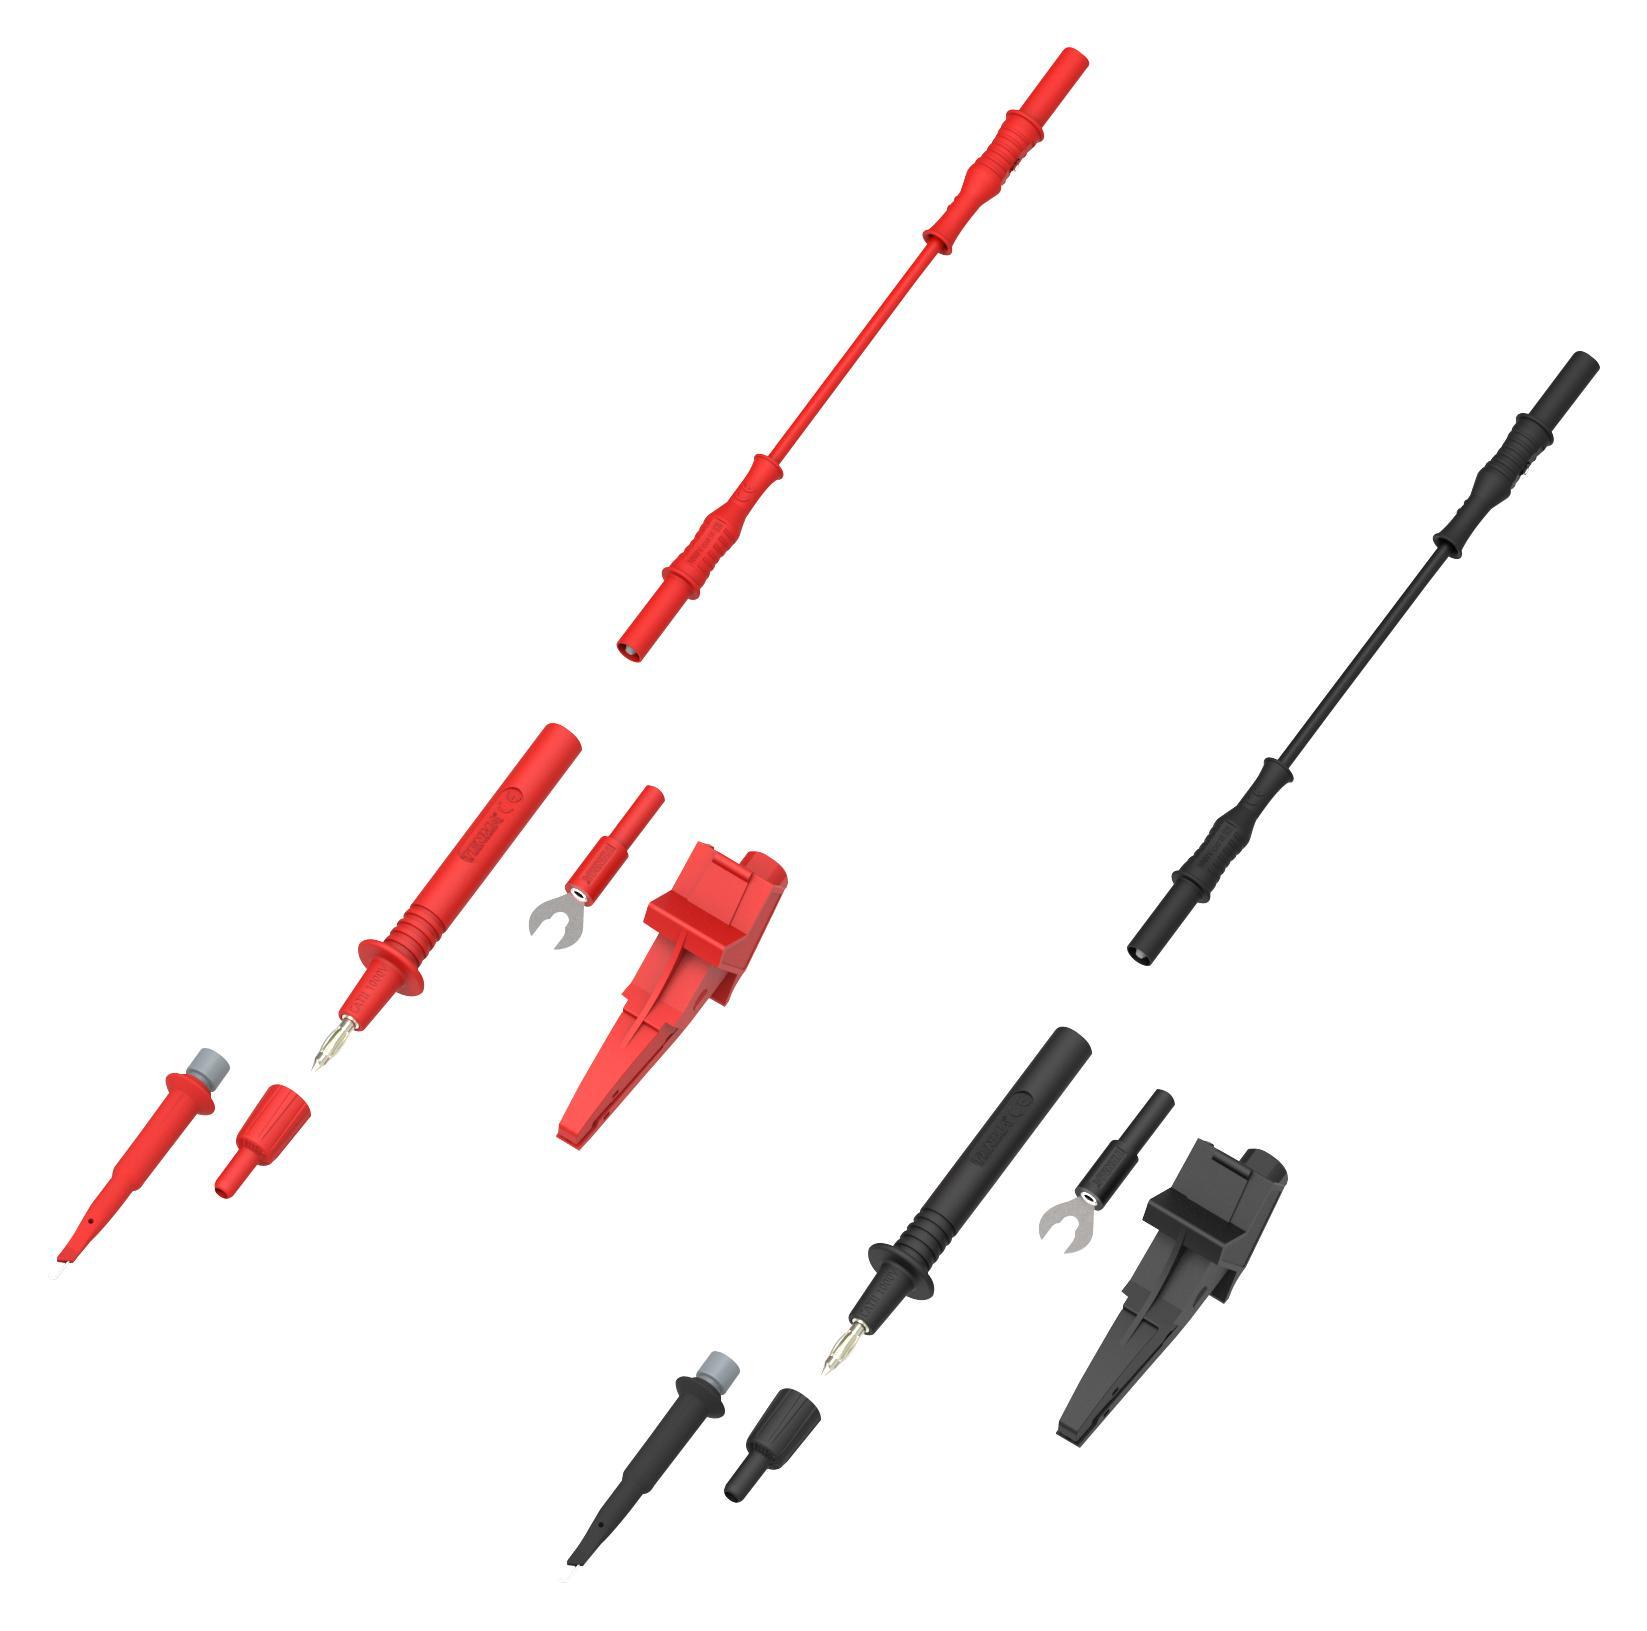 76-103 TENMA, Test Lead Probe Kit, Black / Red, Leads